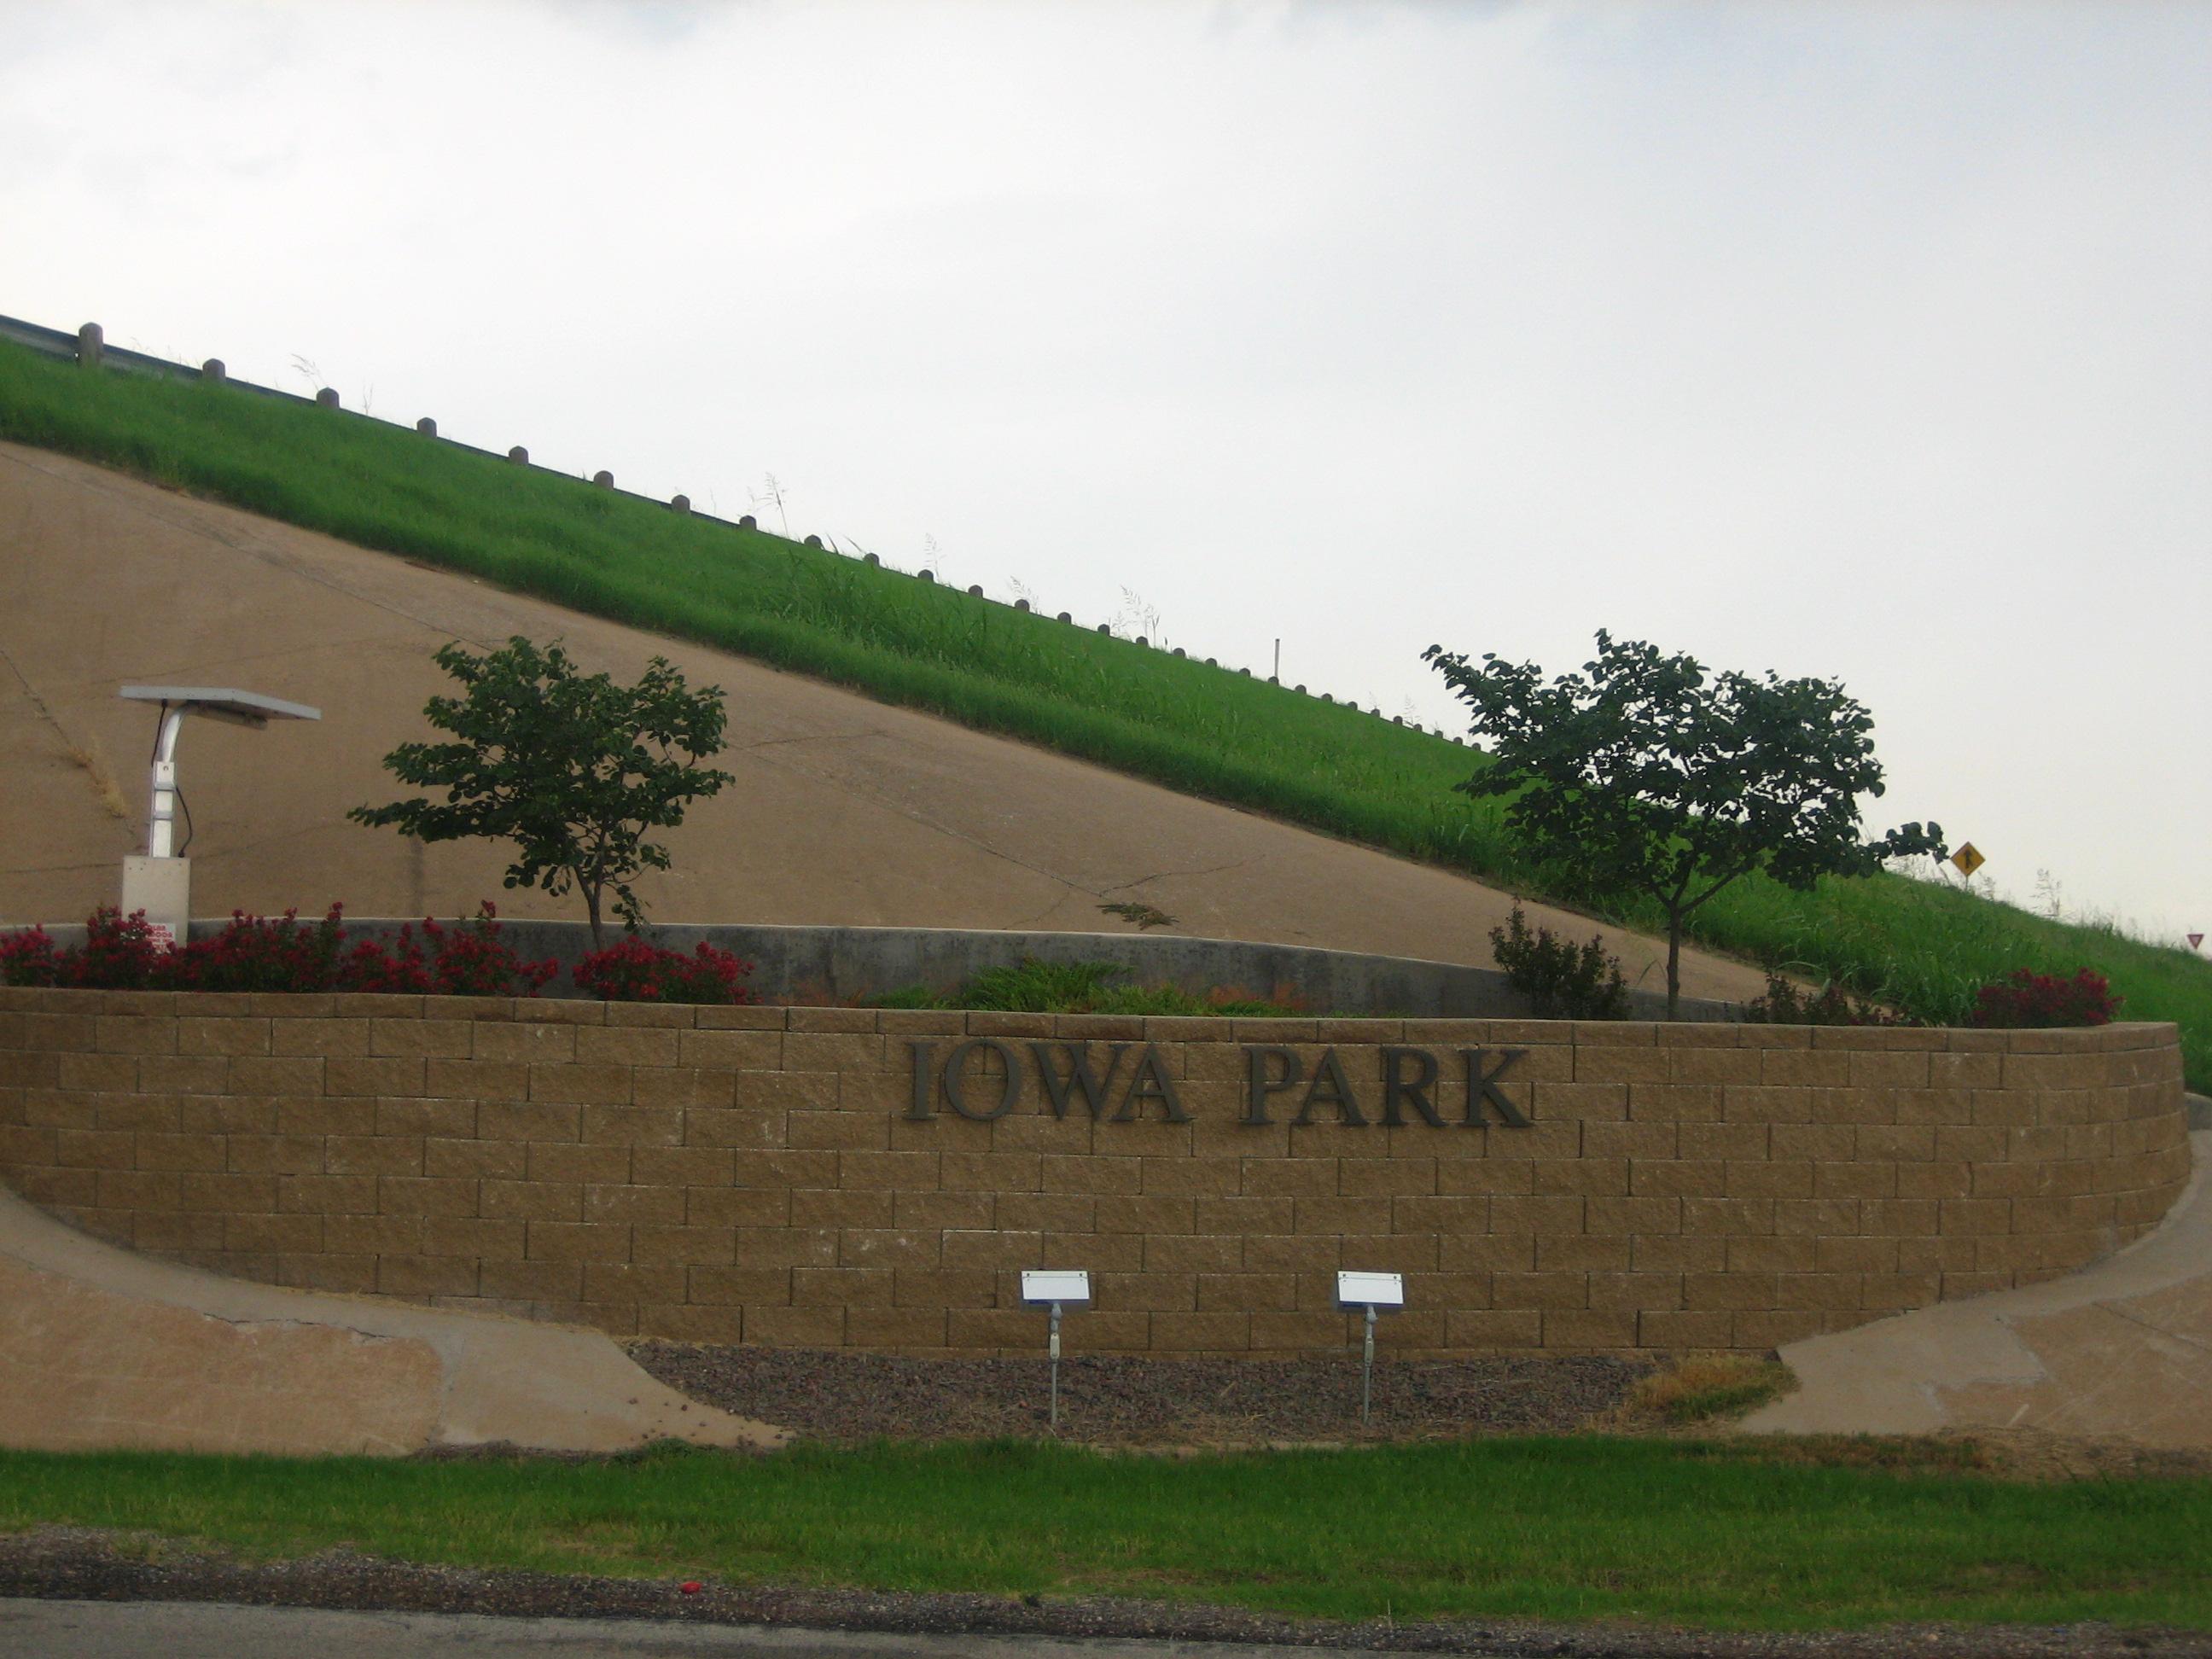 Iowa Park